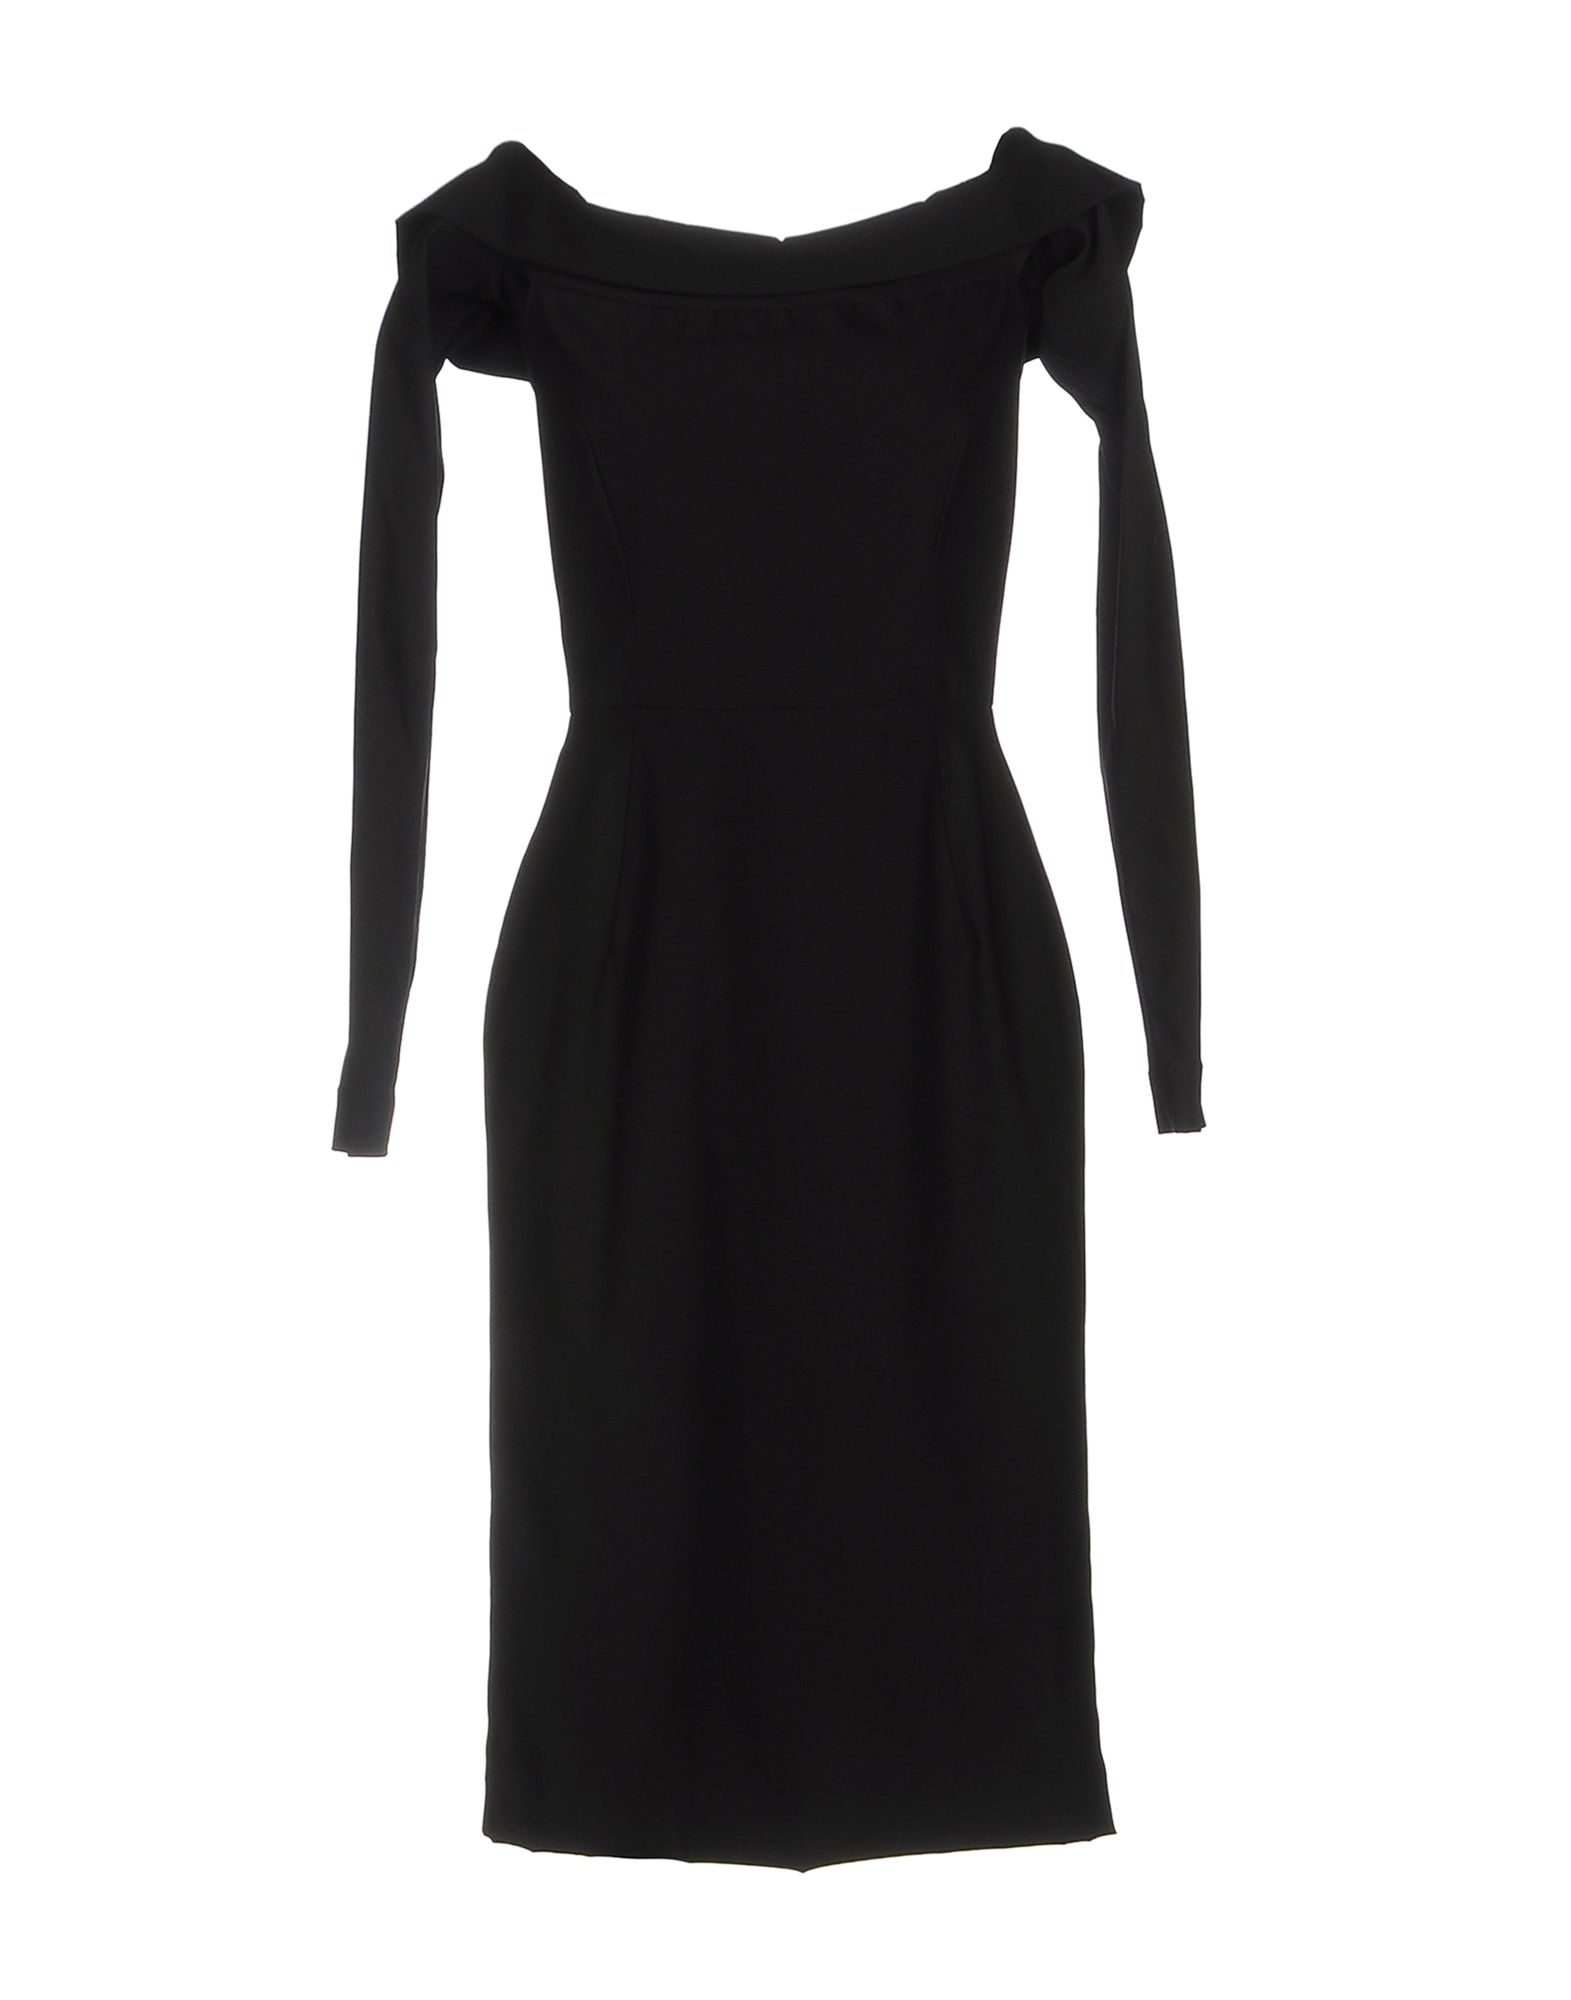 Vestito Corto Preen By Thornton Bregazzi Donna - Acquista online su POPhNN5